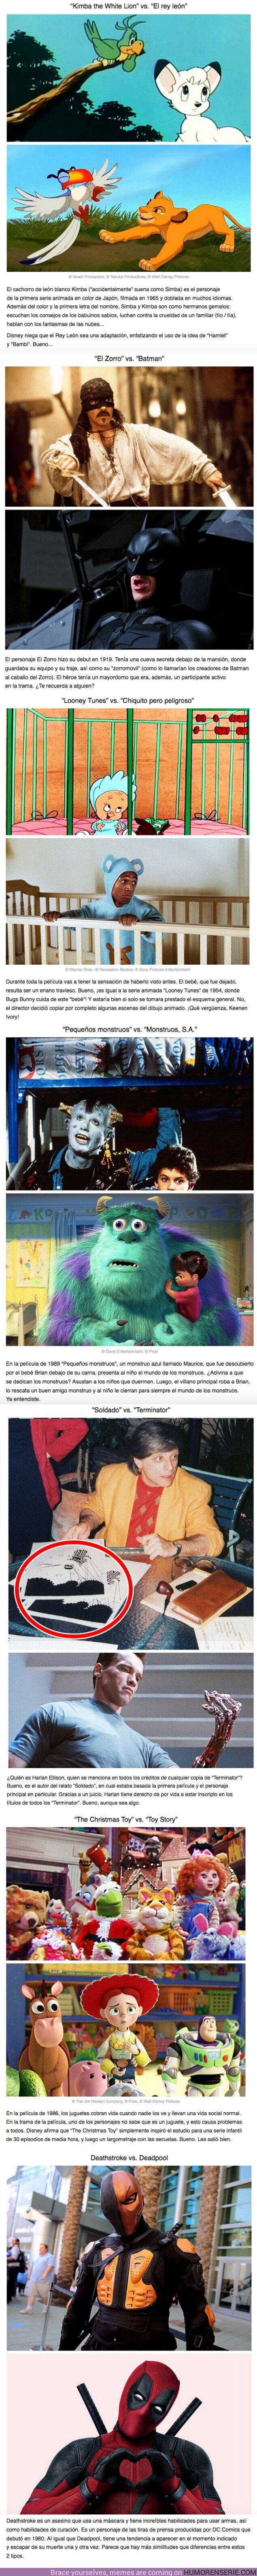 63469 - GALERÍA: 7 Personajes de películas famosas que no esperábamos que fueran copiados